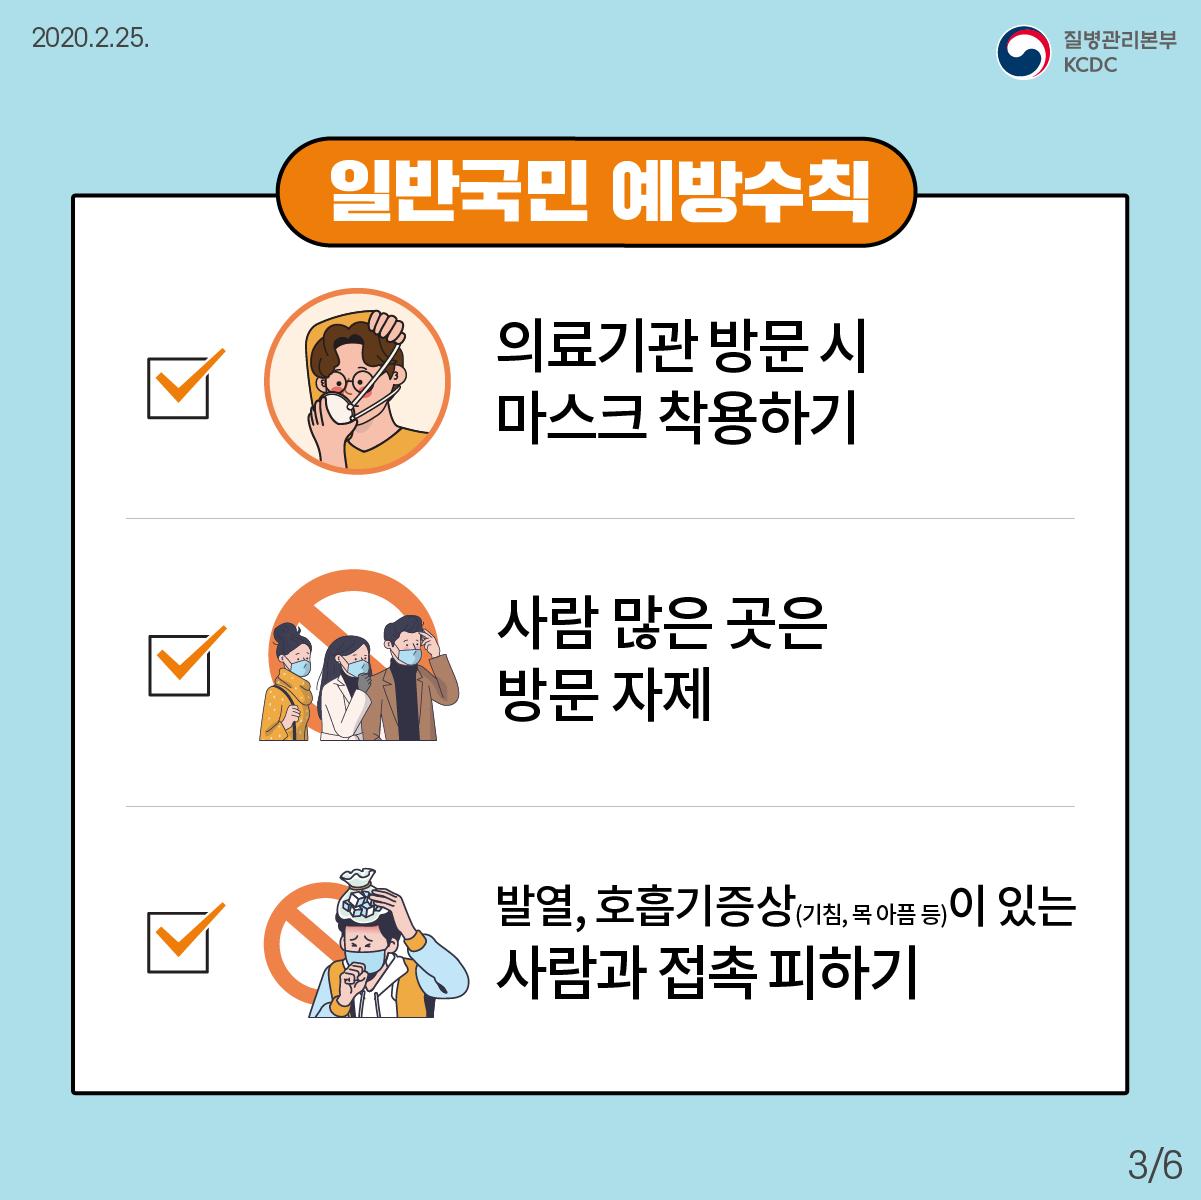 국민예방행동수칙(카드뉴스)_3